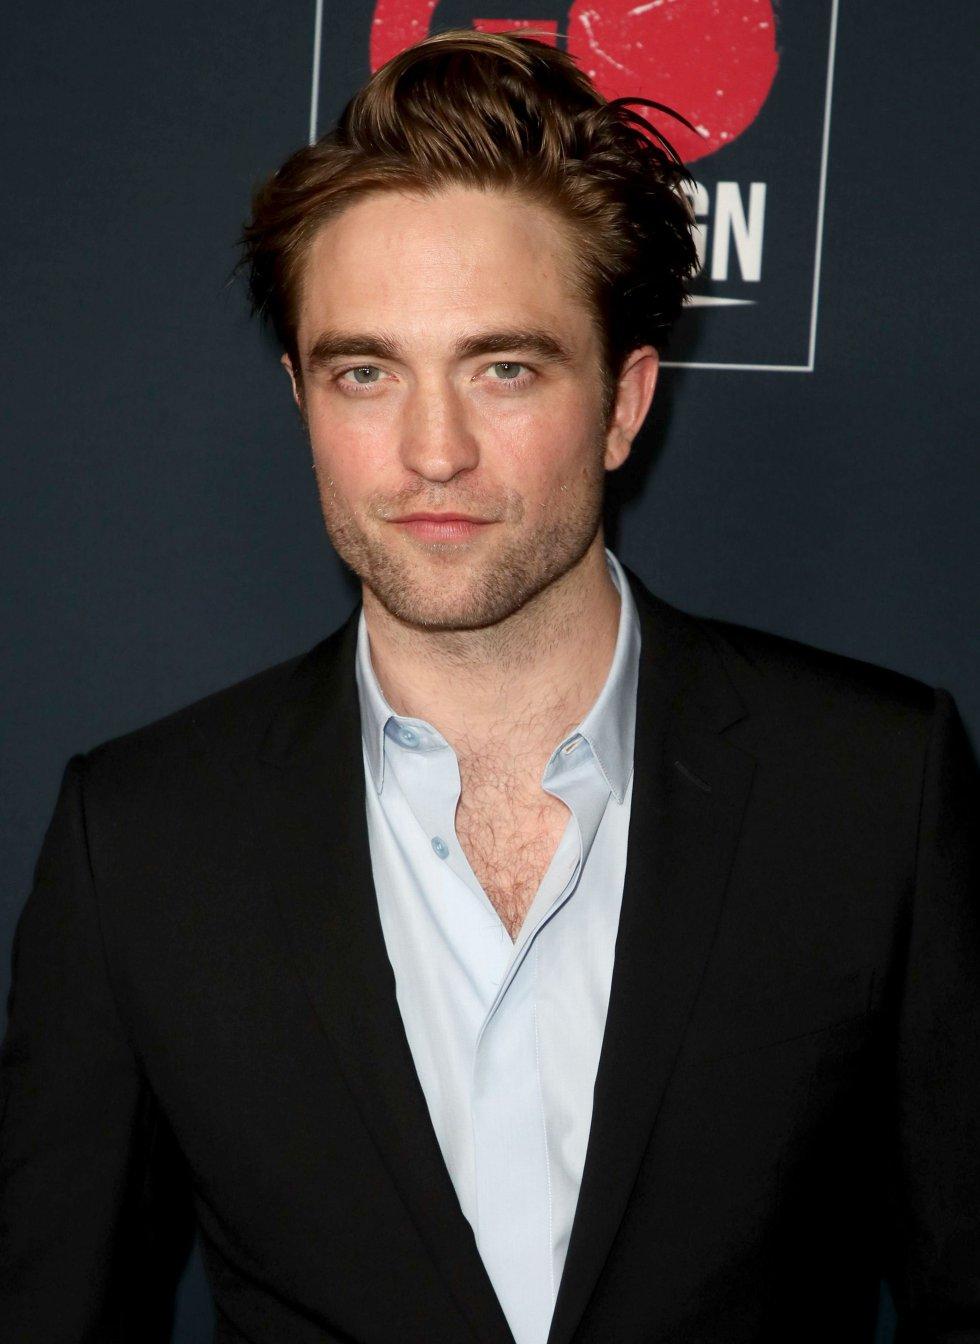 ¿Es o no es el hombre más guapo?